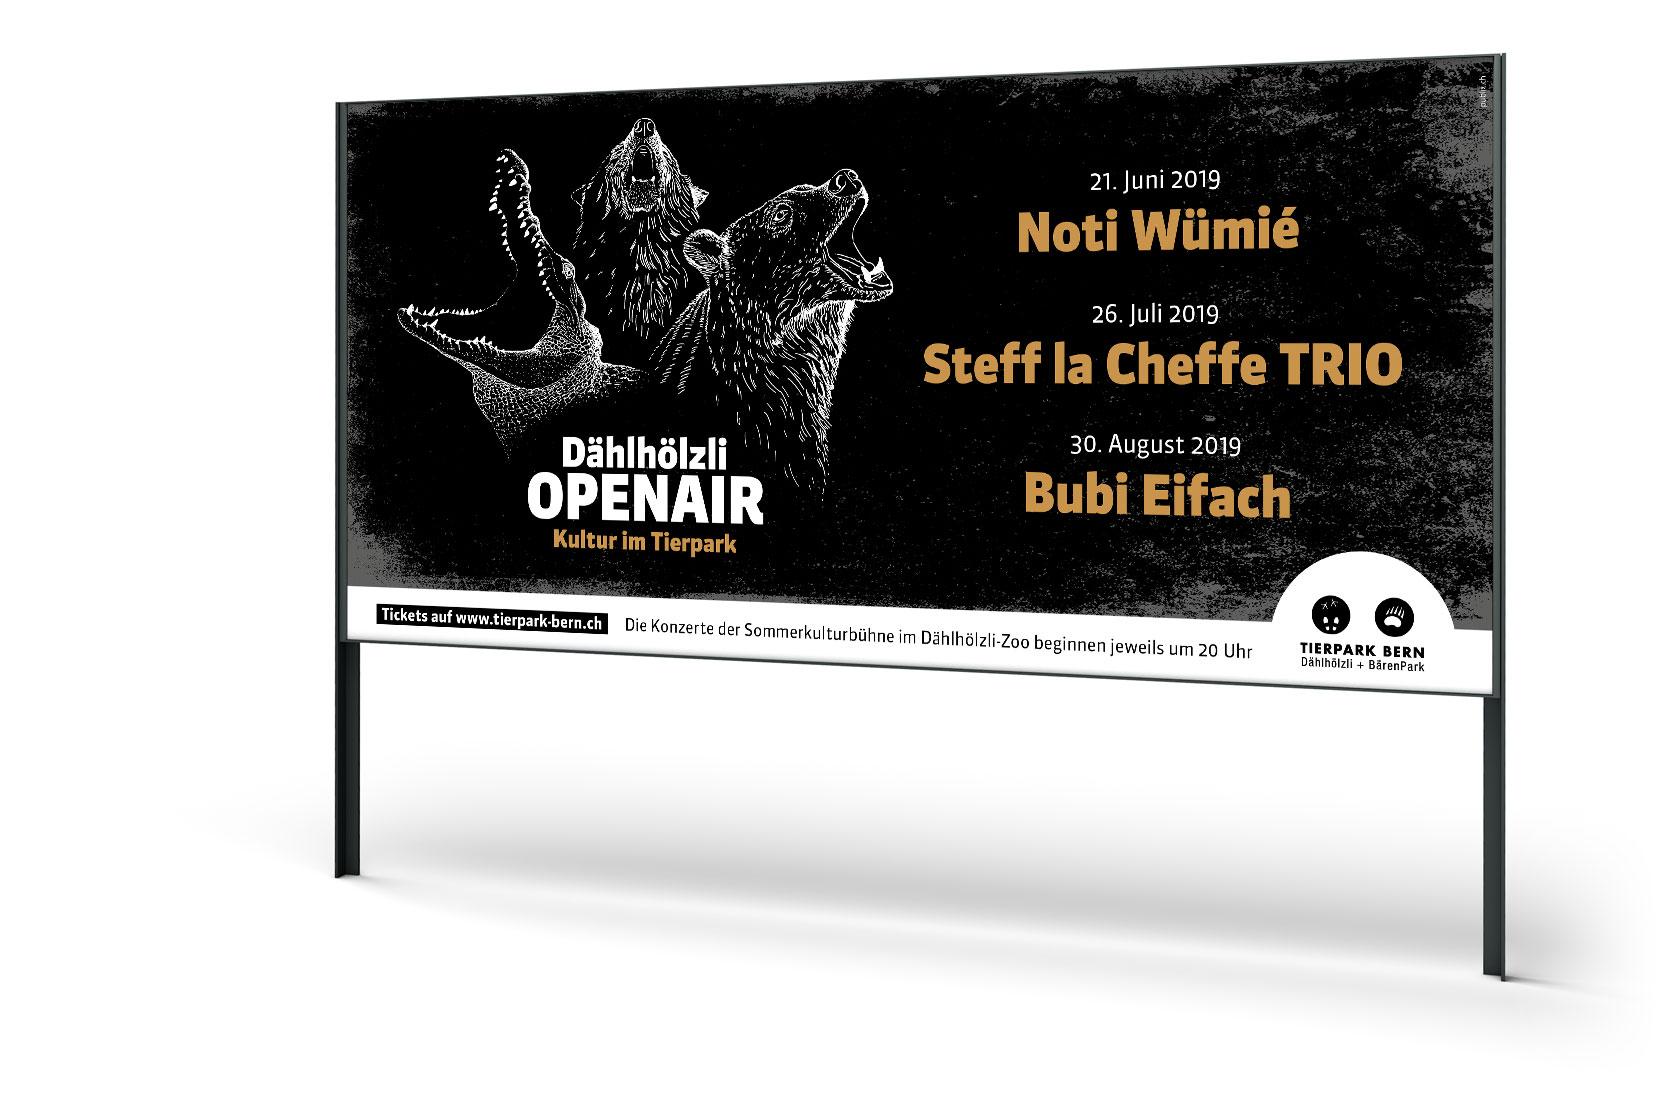 Dählhölzli Openair 2019 F12   Kultur im Tierpark, Tierpark Bern